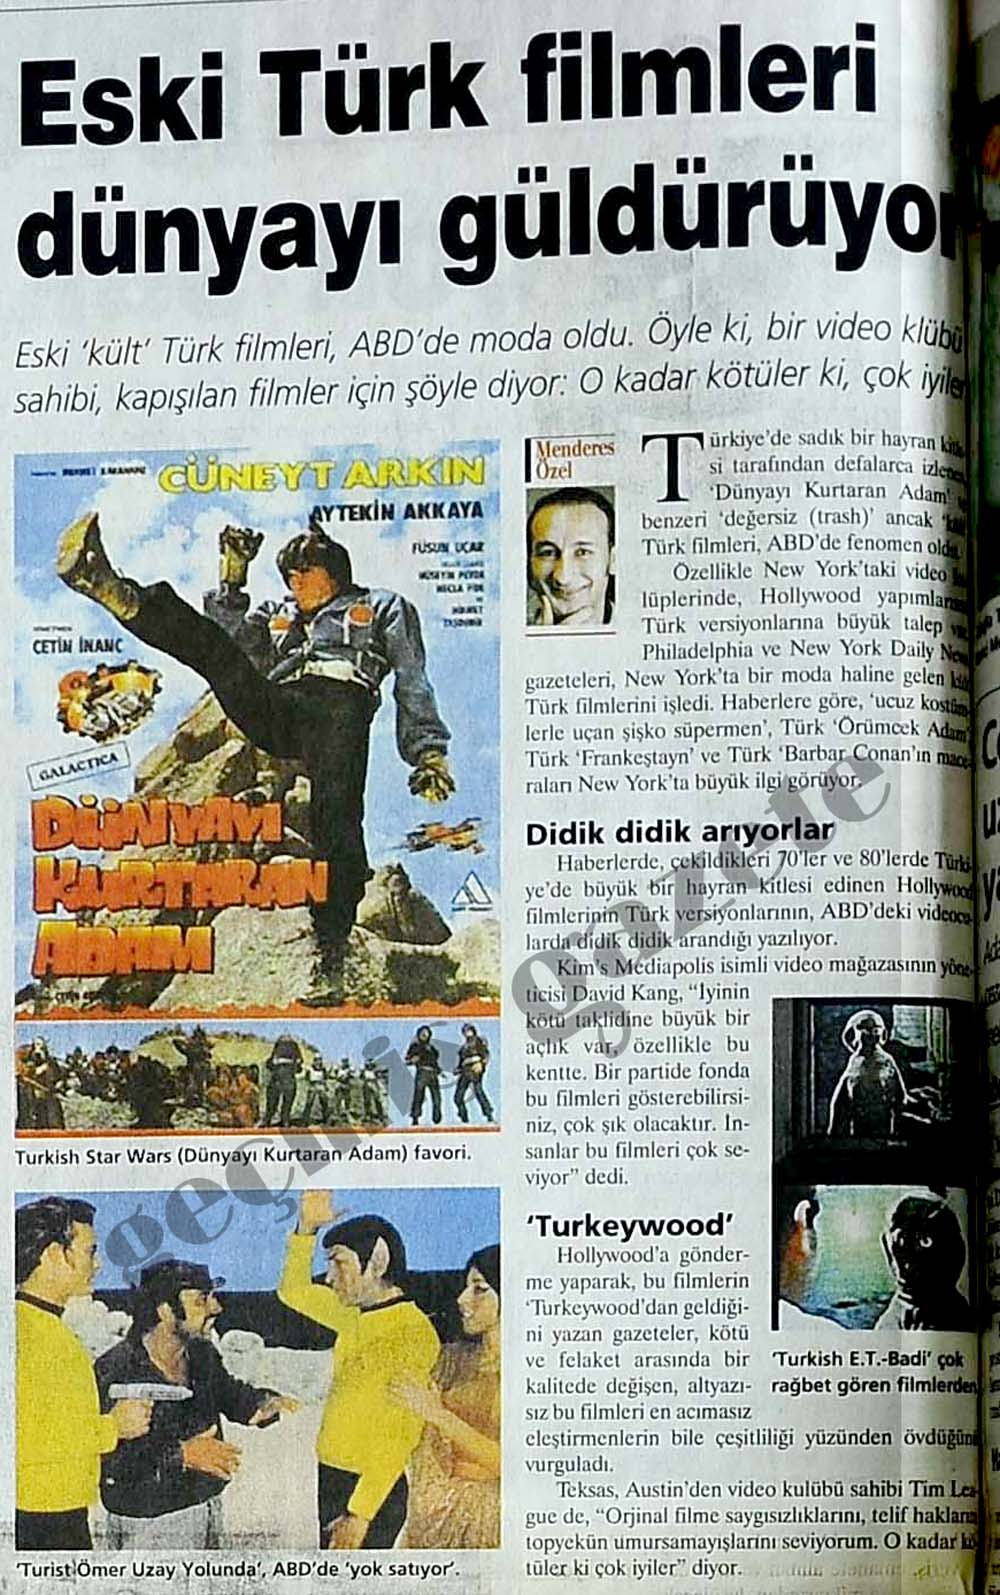 Eski Türk filmleri dünyayı güldürüyor